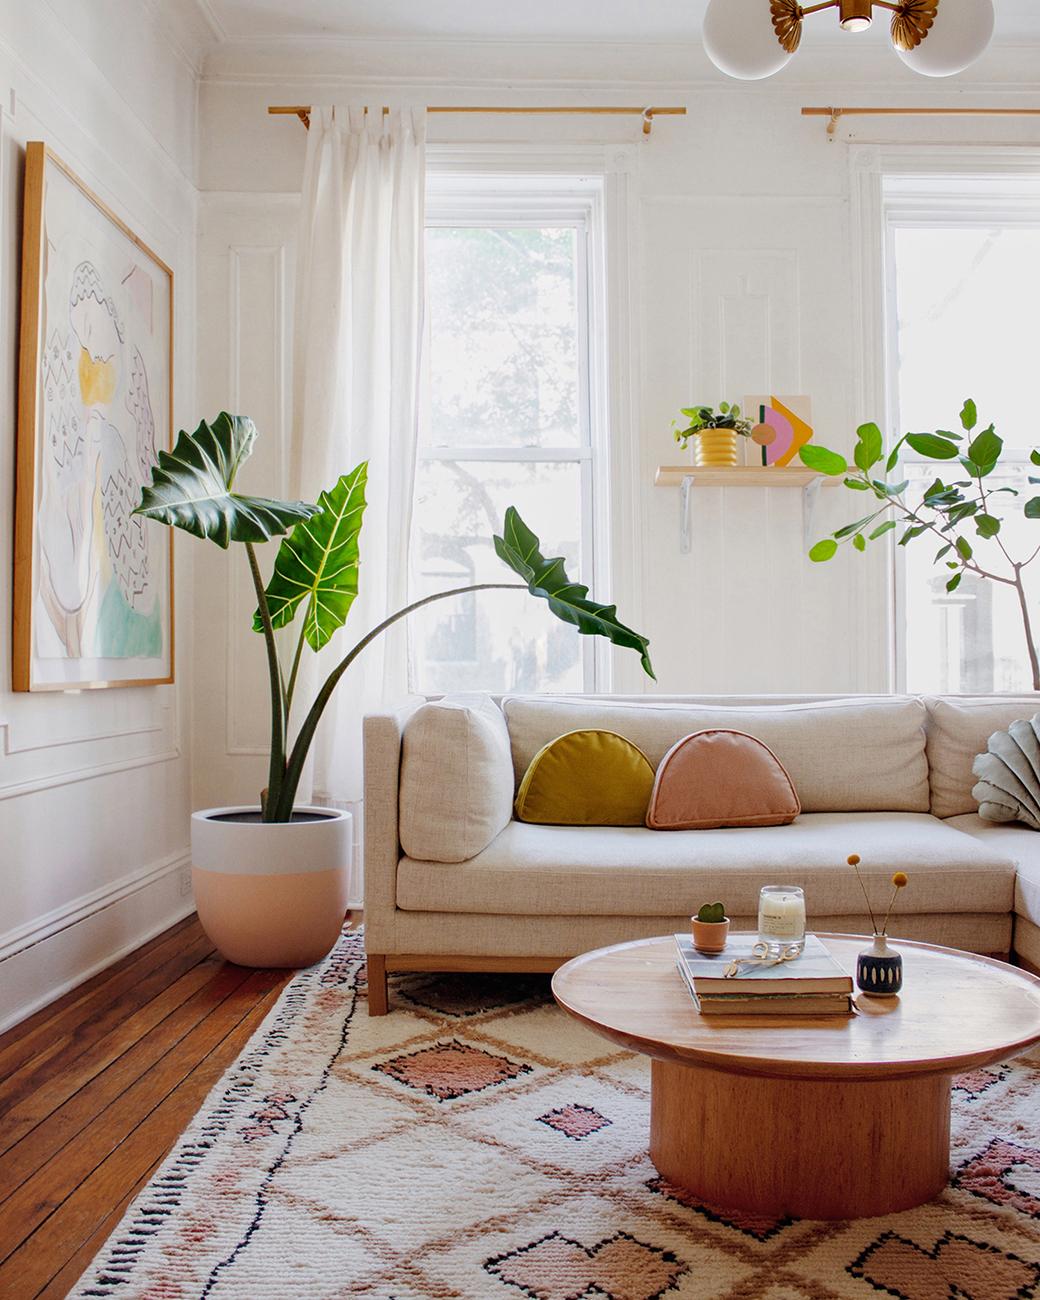 波西米亚风格粉色沙发的客厅